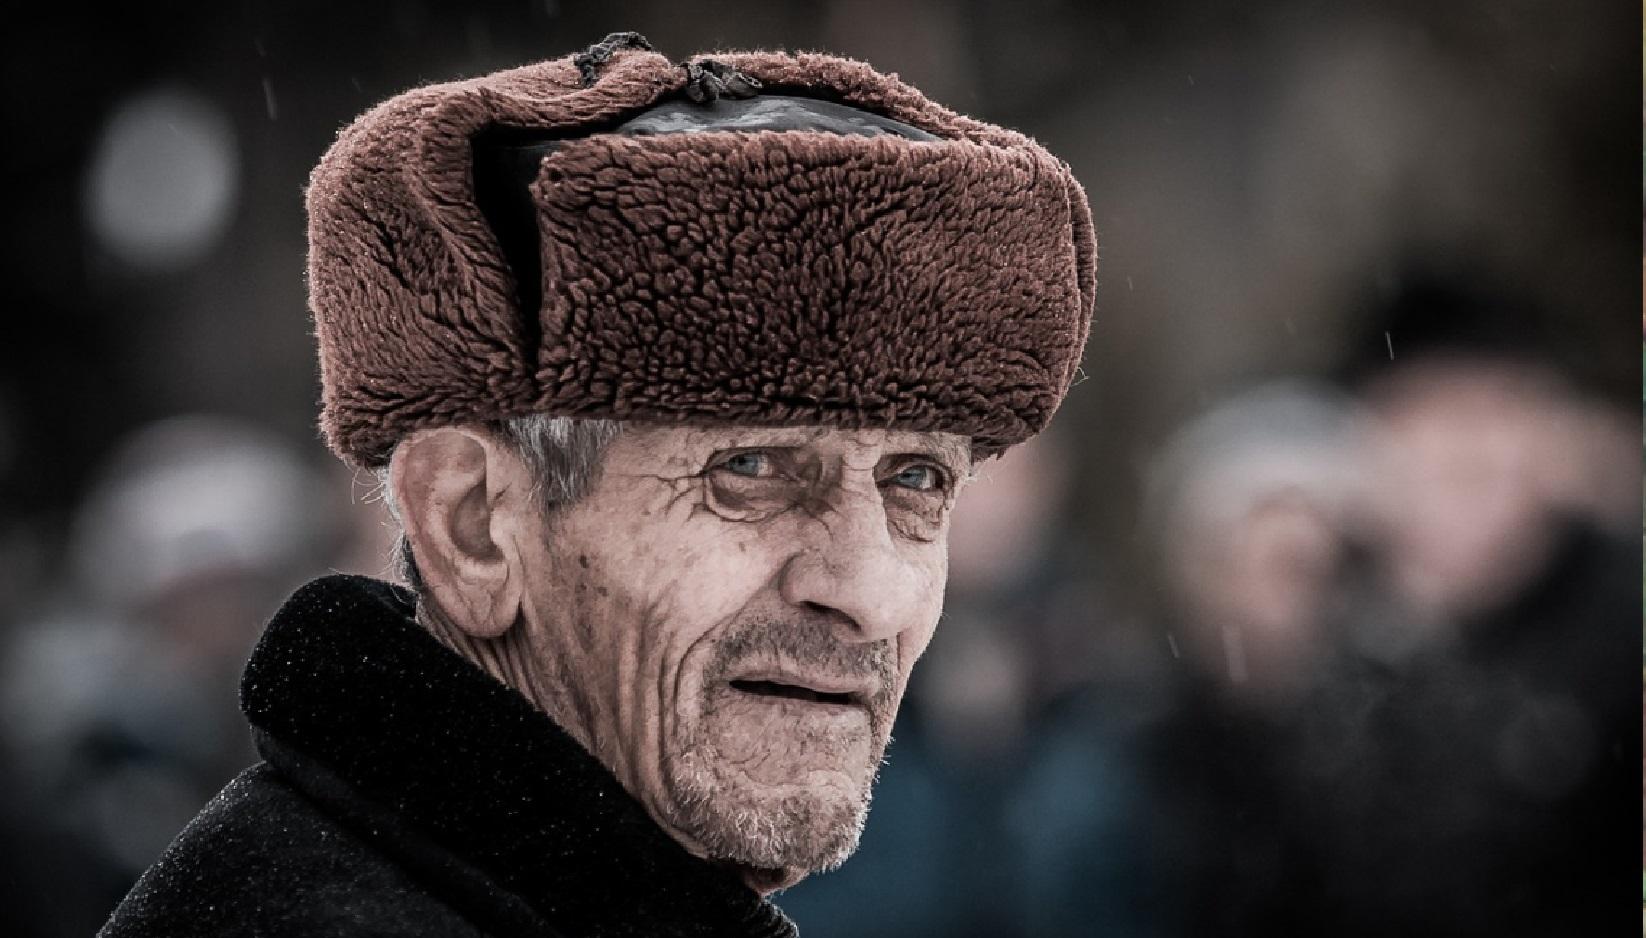 Obyvatel Ruské federace, ilustrační snímek. (Pixabay/ID 1866946)